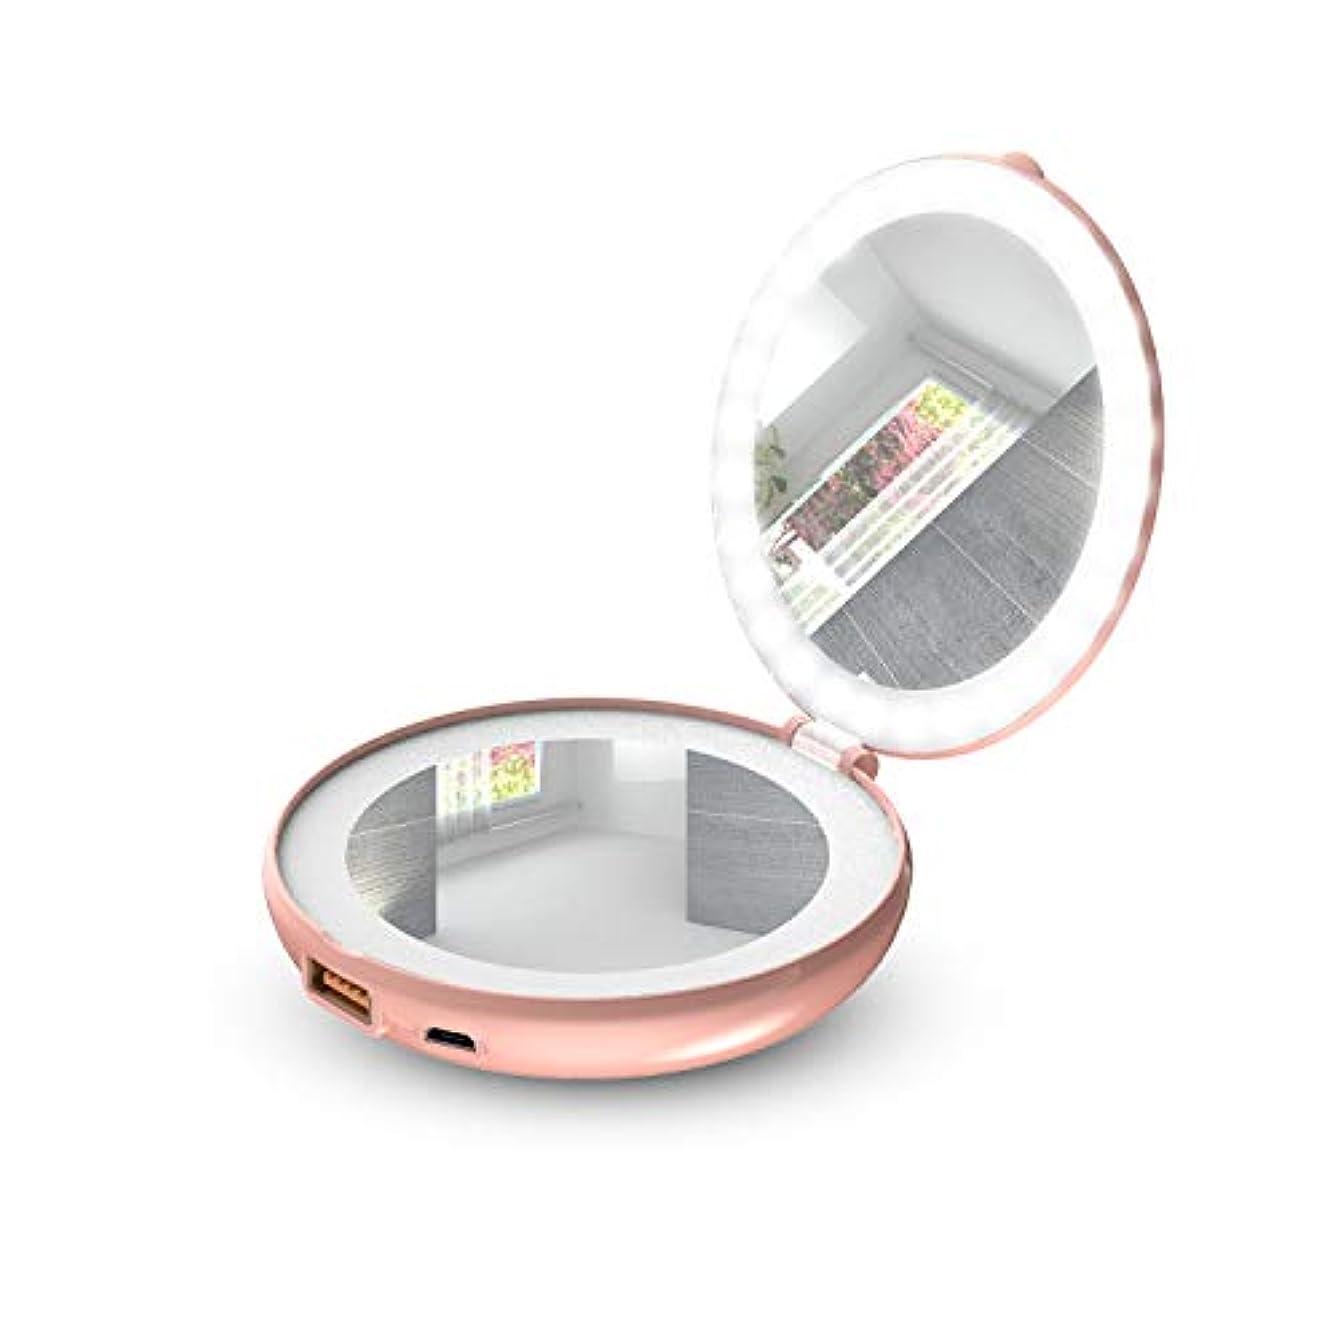 赤法的運動する手鏡 折り畳み式化粧鏡 メイクアップミラー LEDライト&モバイルバッテリー付き (ローズゴールド)